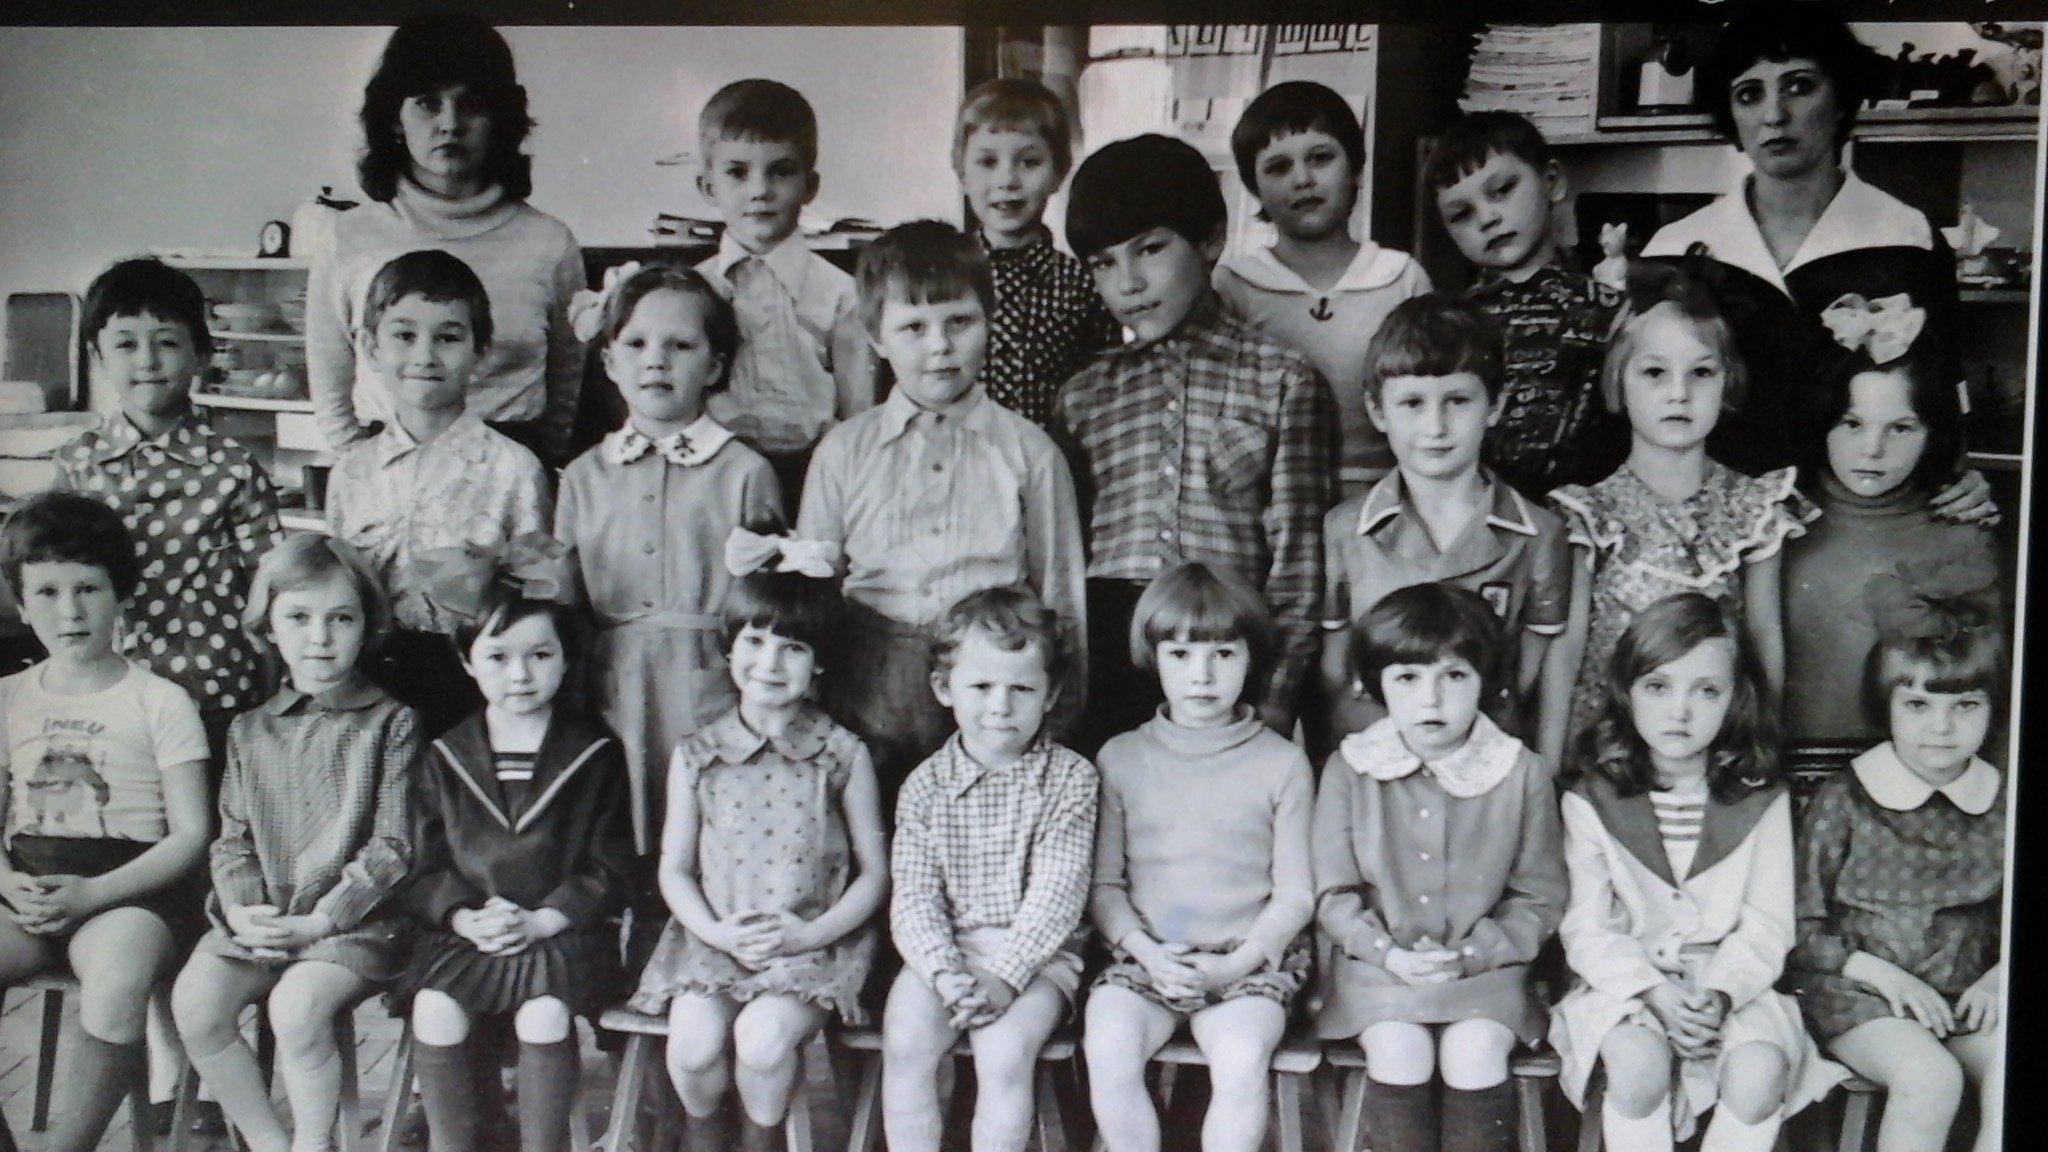 это фото валуева в молодости с друзьями новые лоты